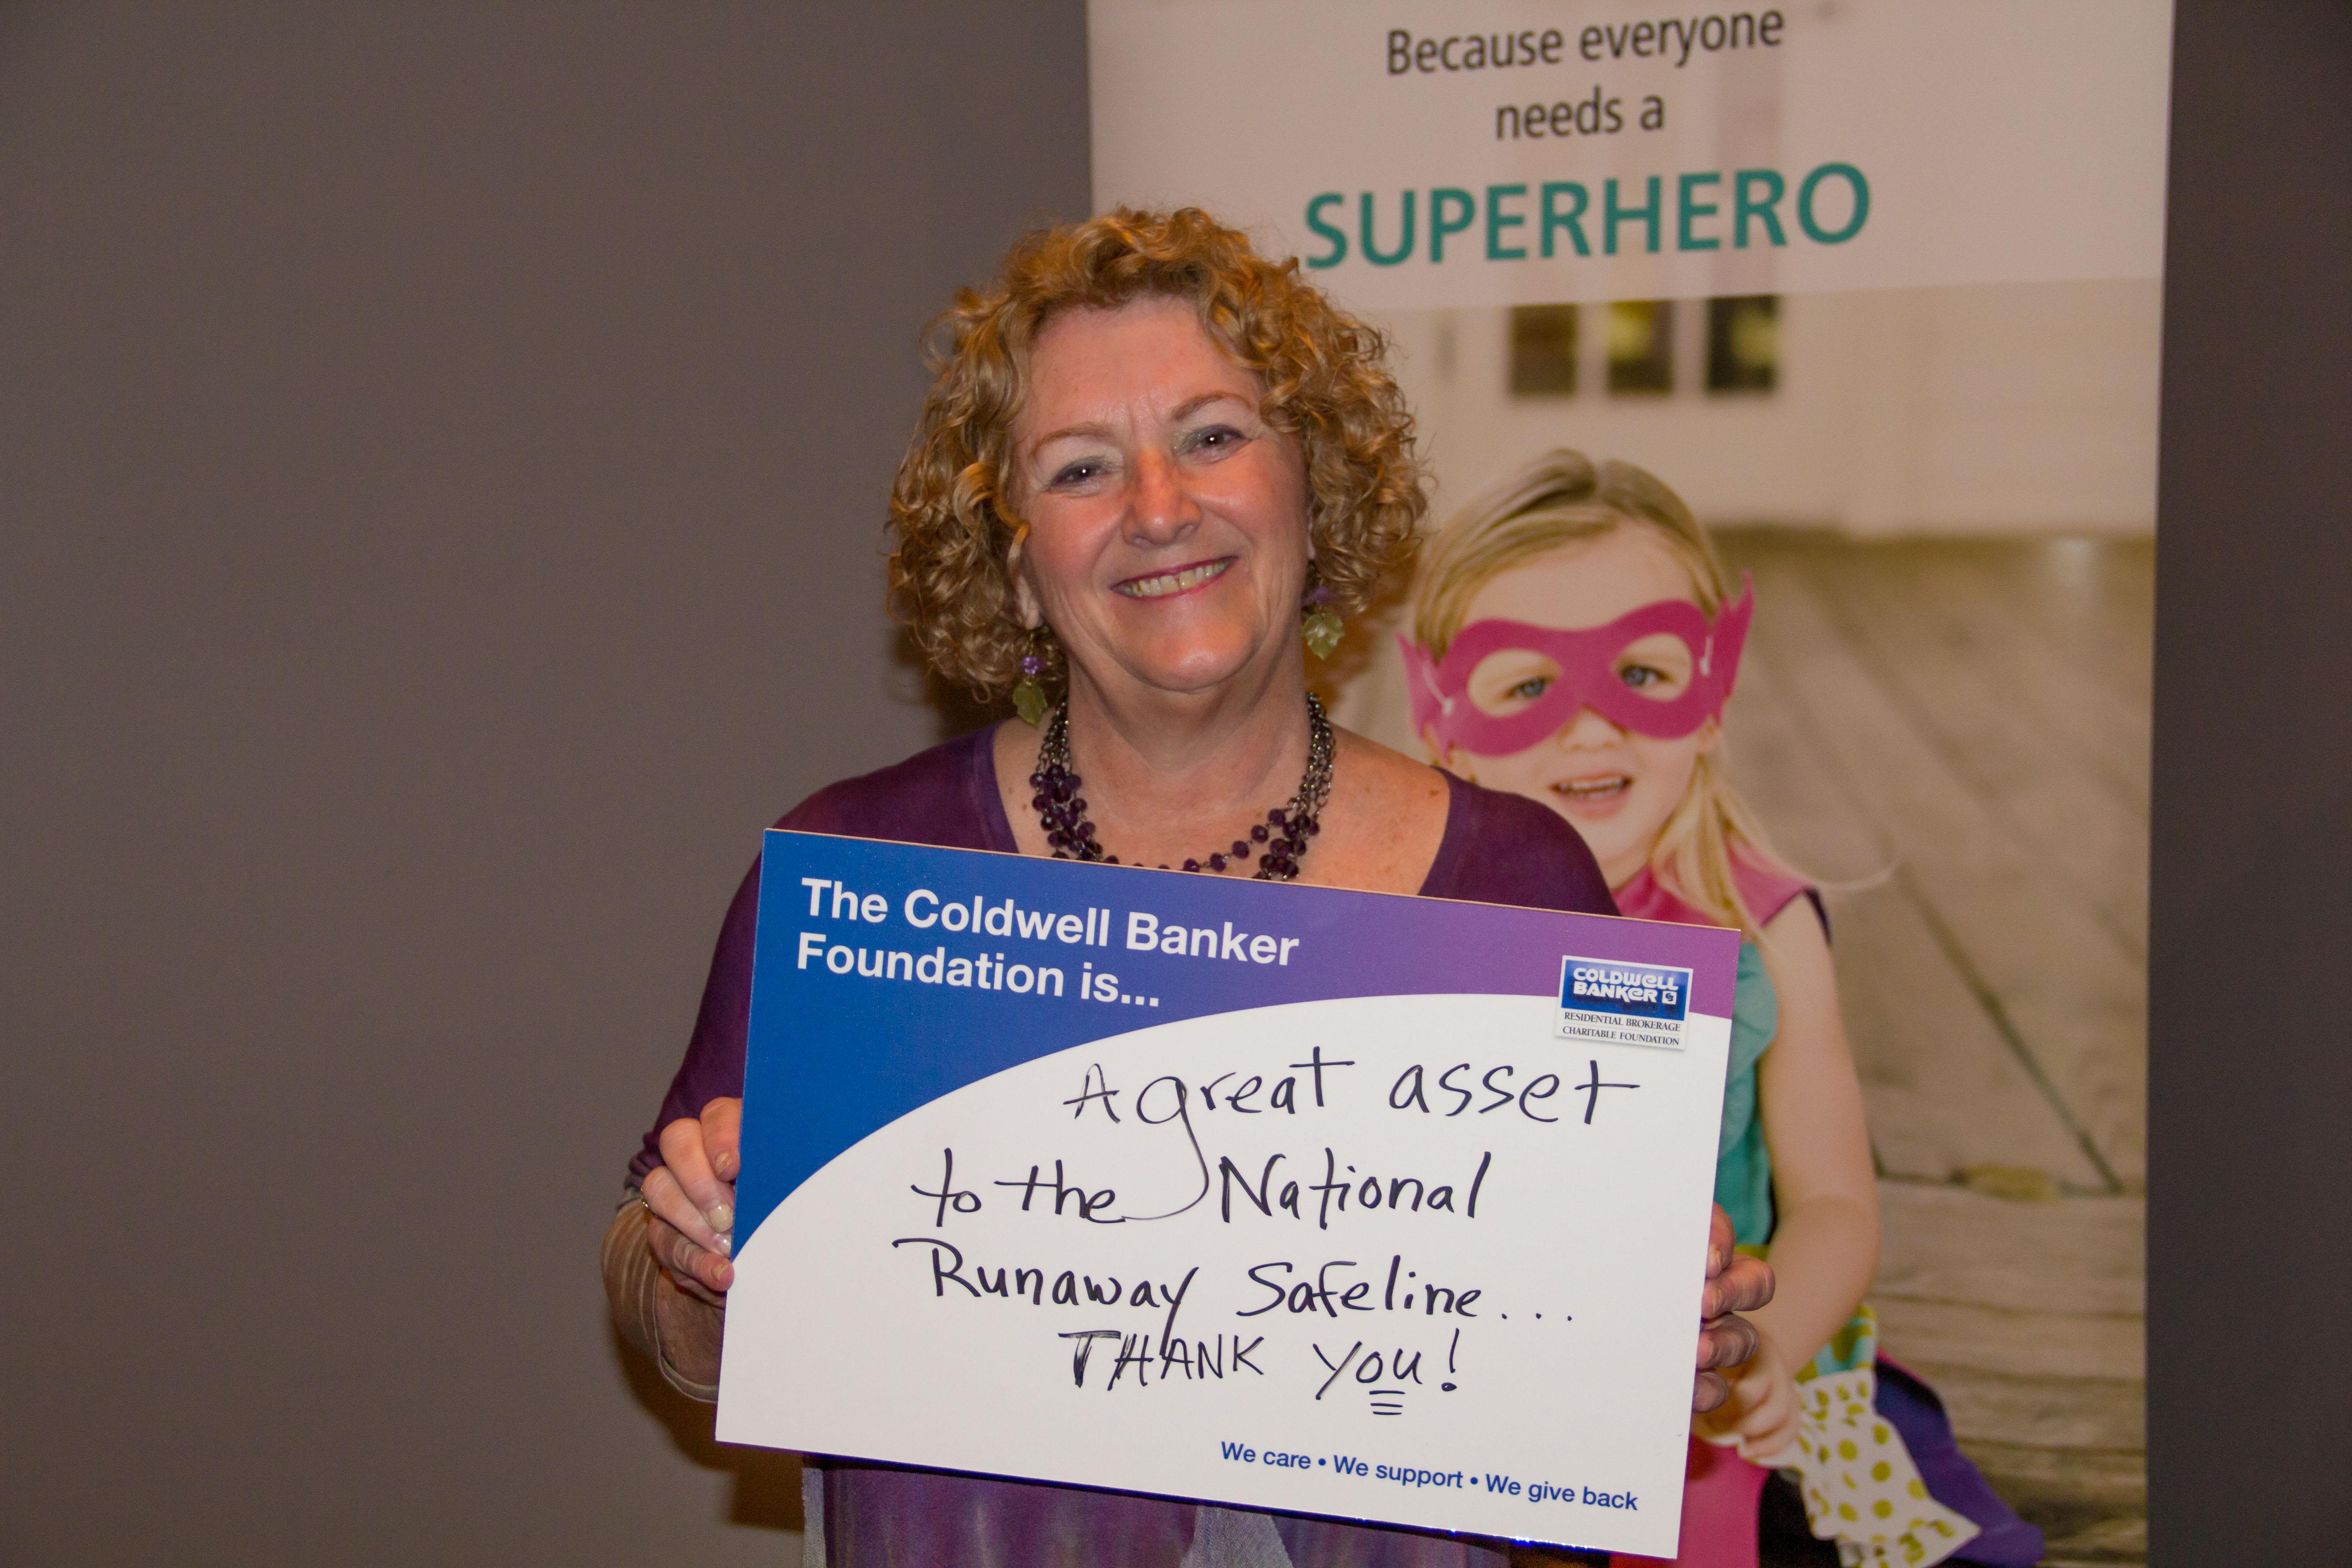 Maureen Blaha, National Runaway Safeline